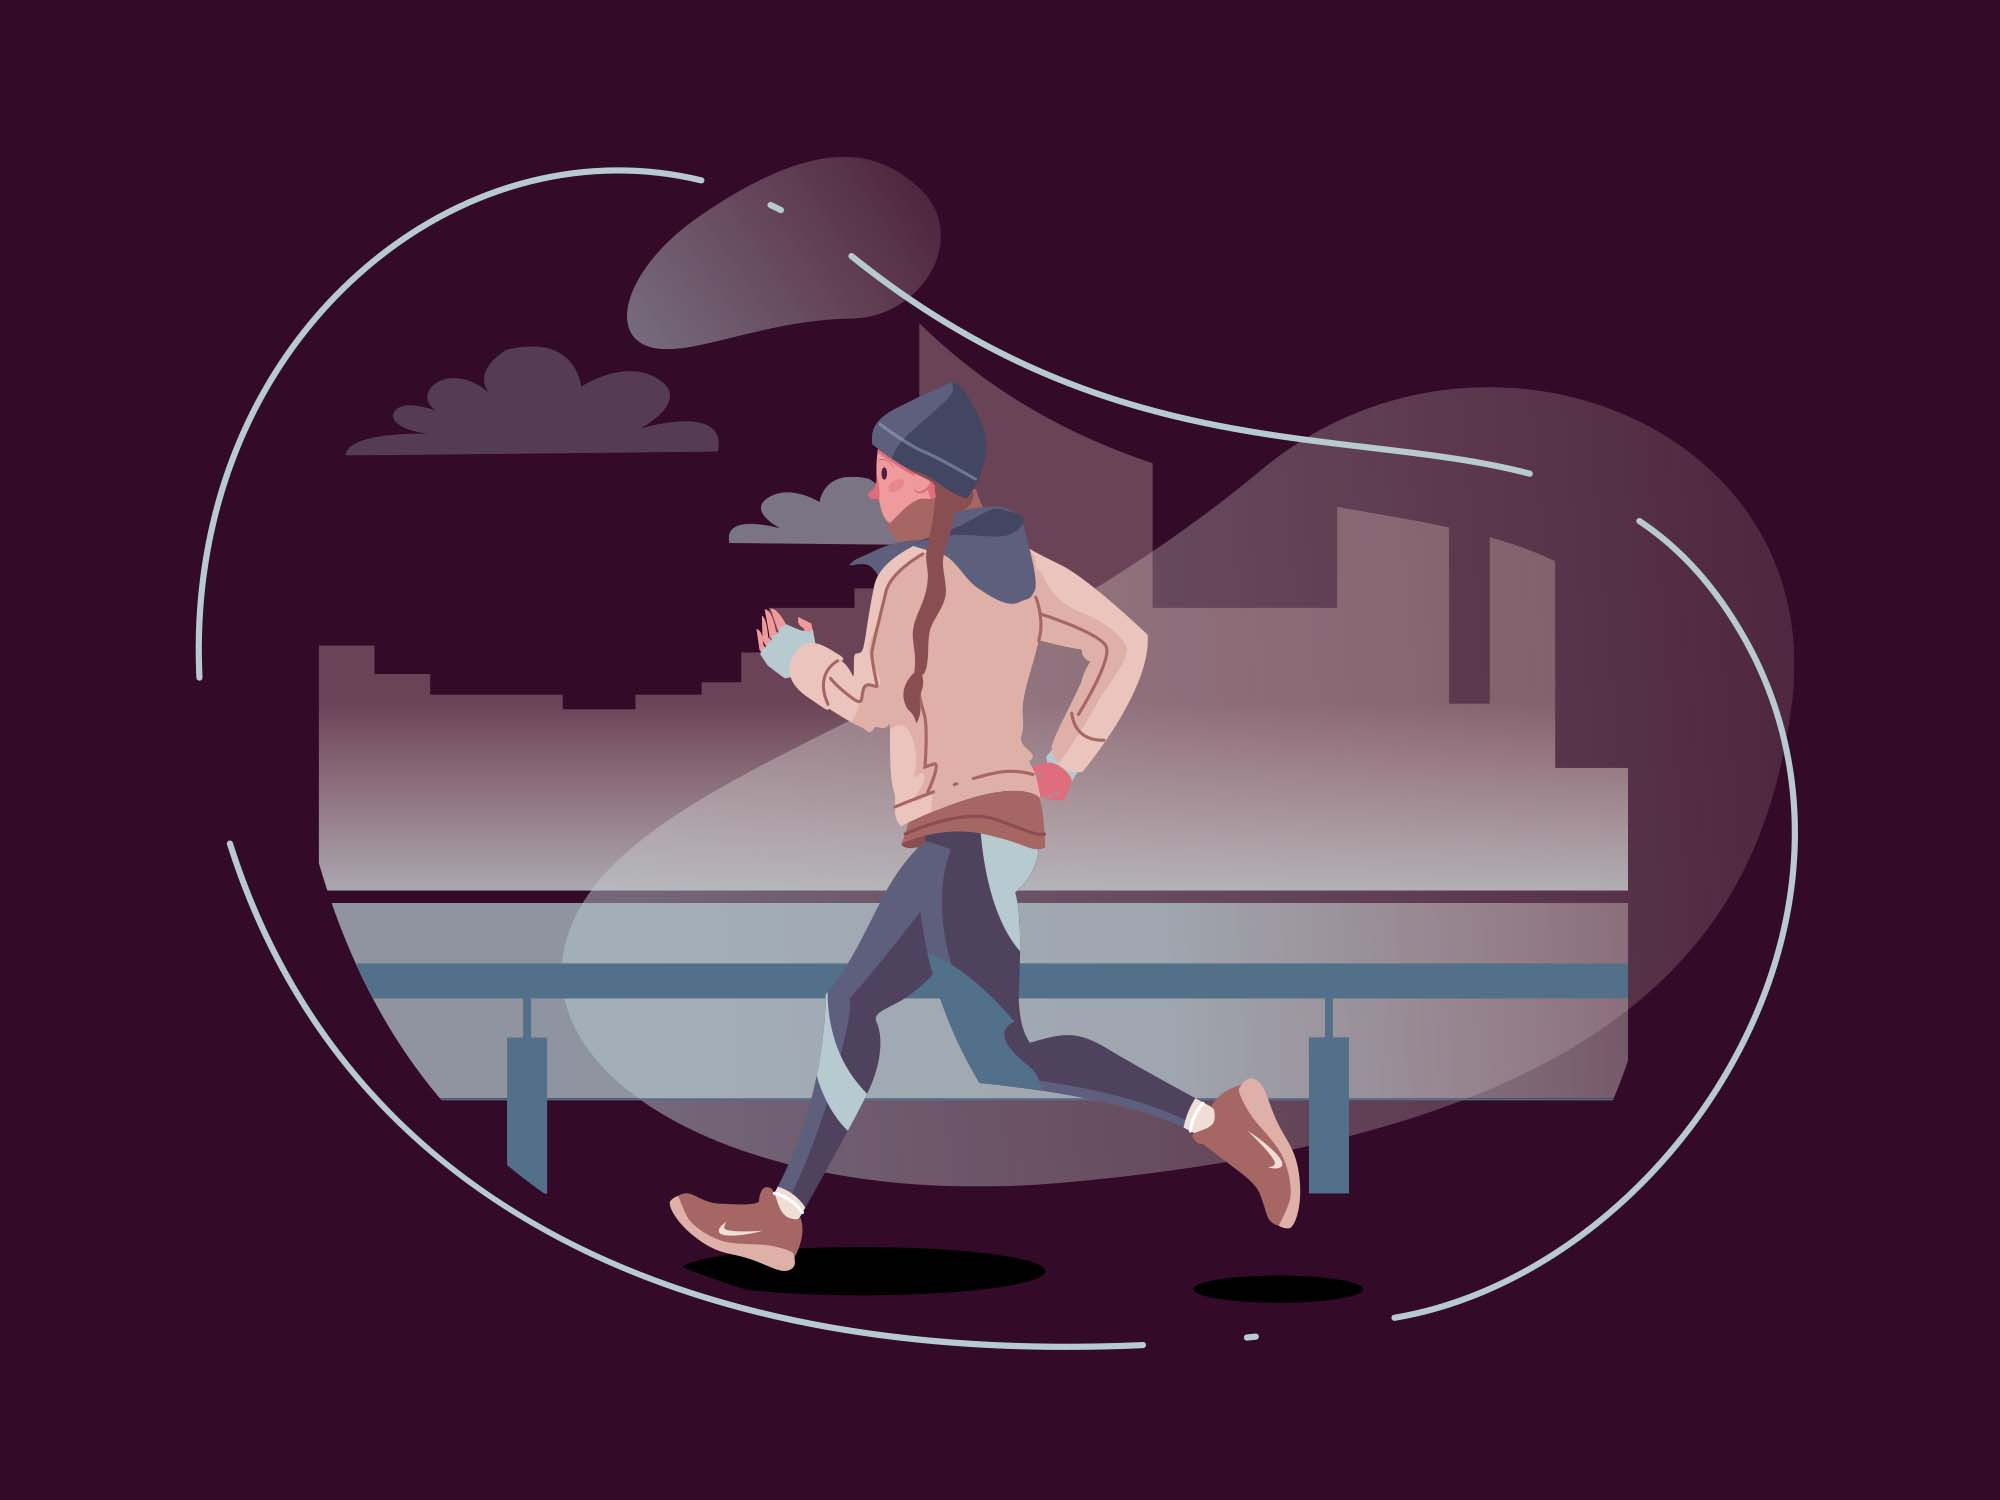 Runner Vector Illustration 2